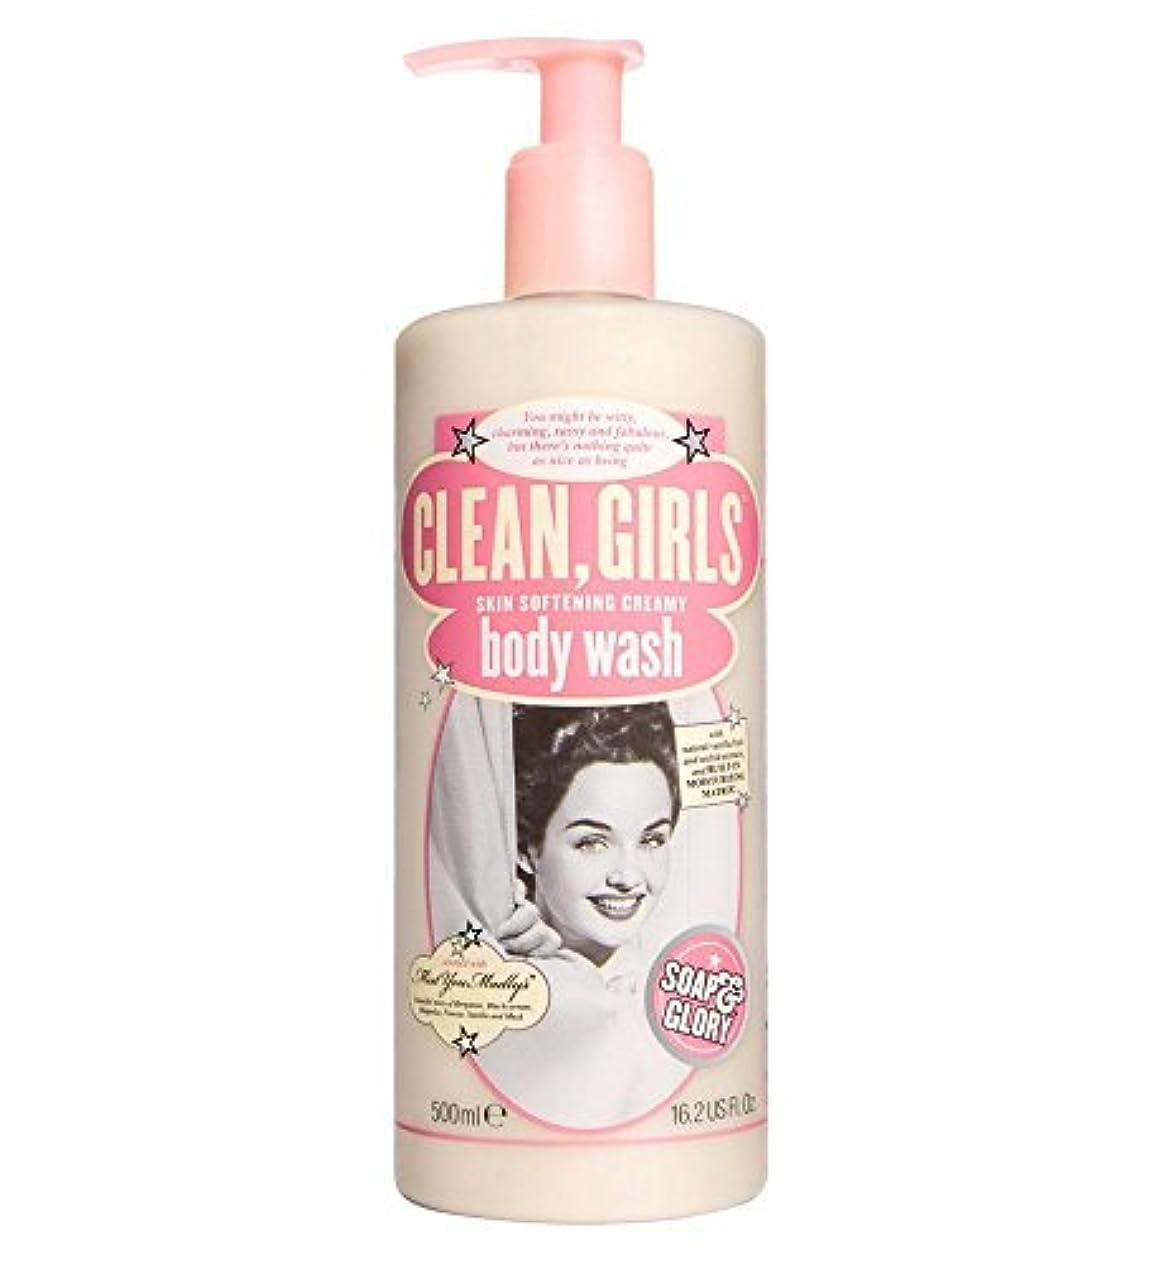 ノベルティ生まれ貫通Soap & Glory Clean Girls Body Wash 500ml by Soap & Glory [並行輸入品]